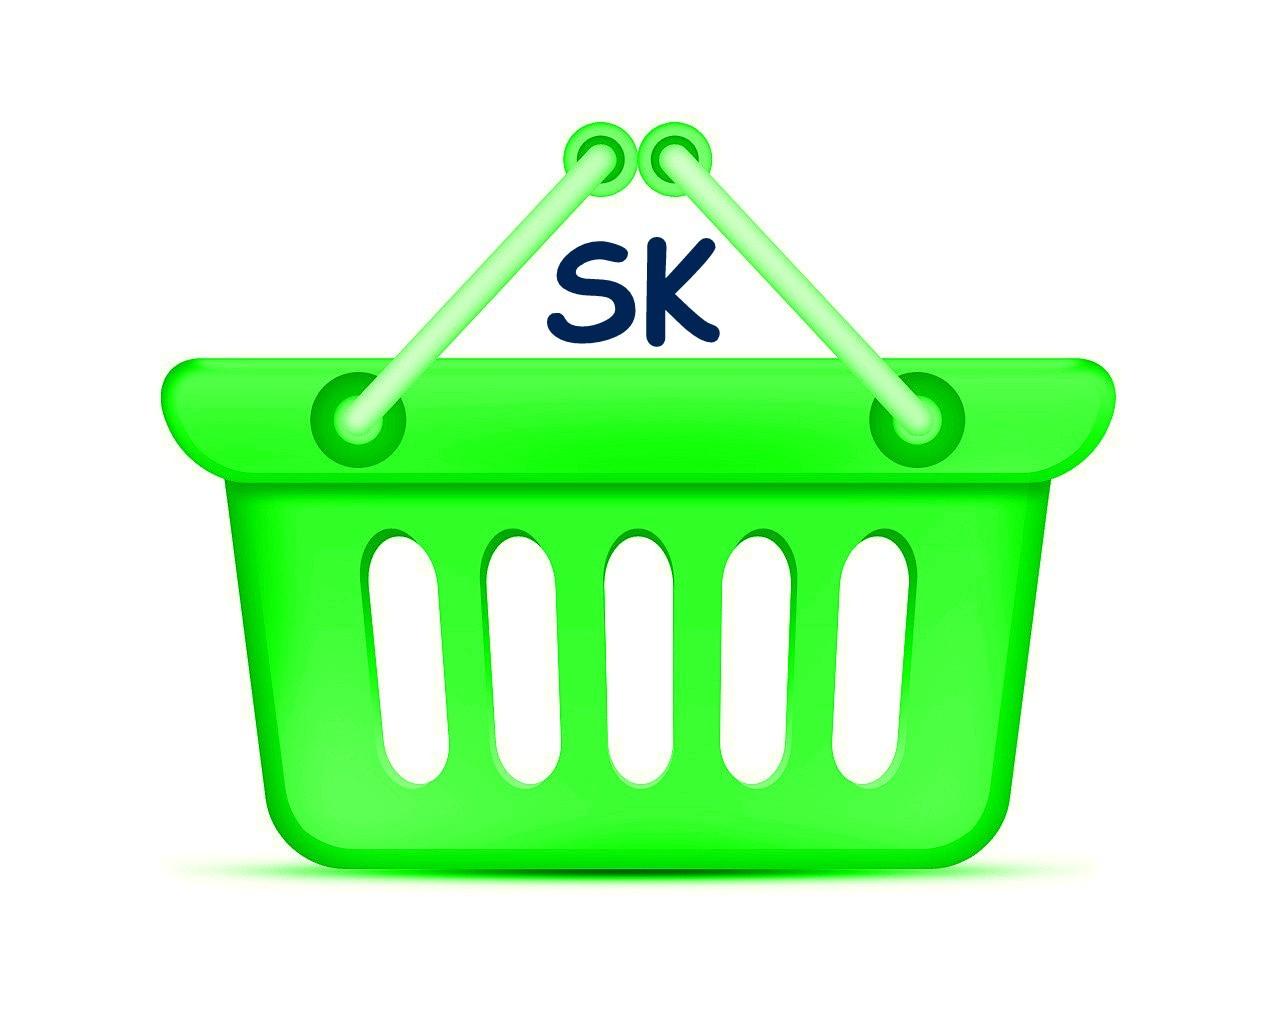 16644-kosik SK